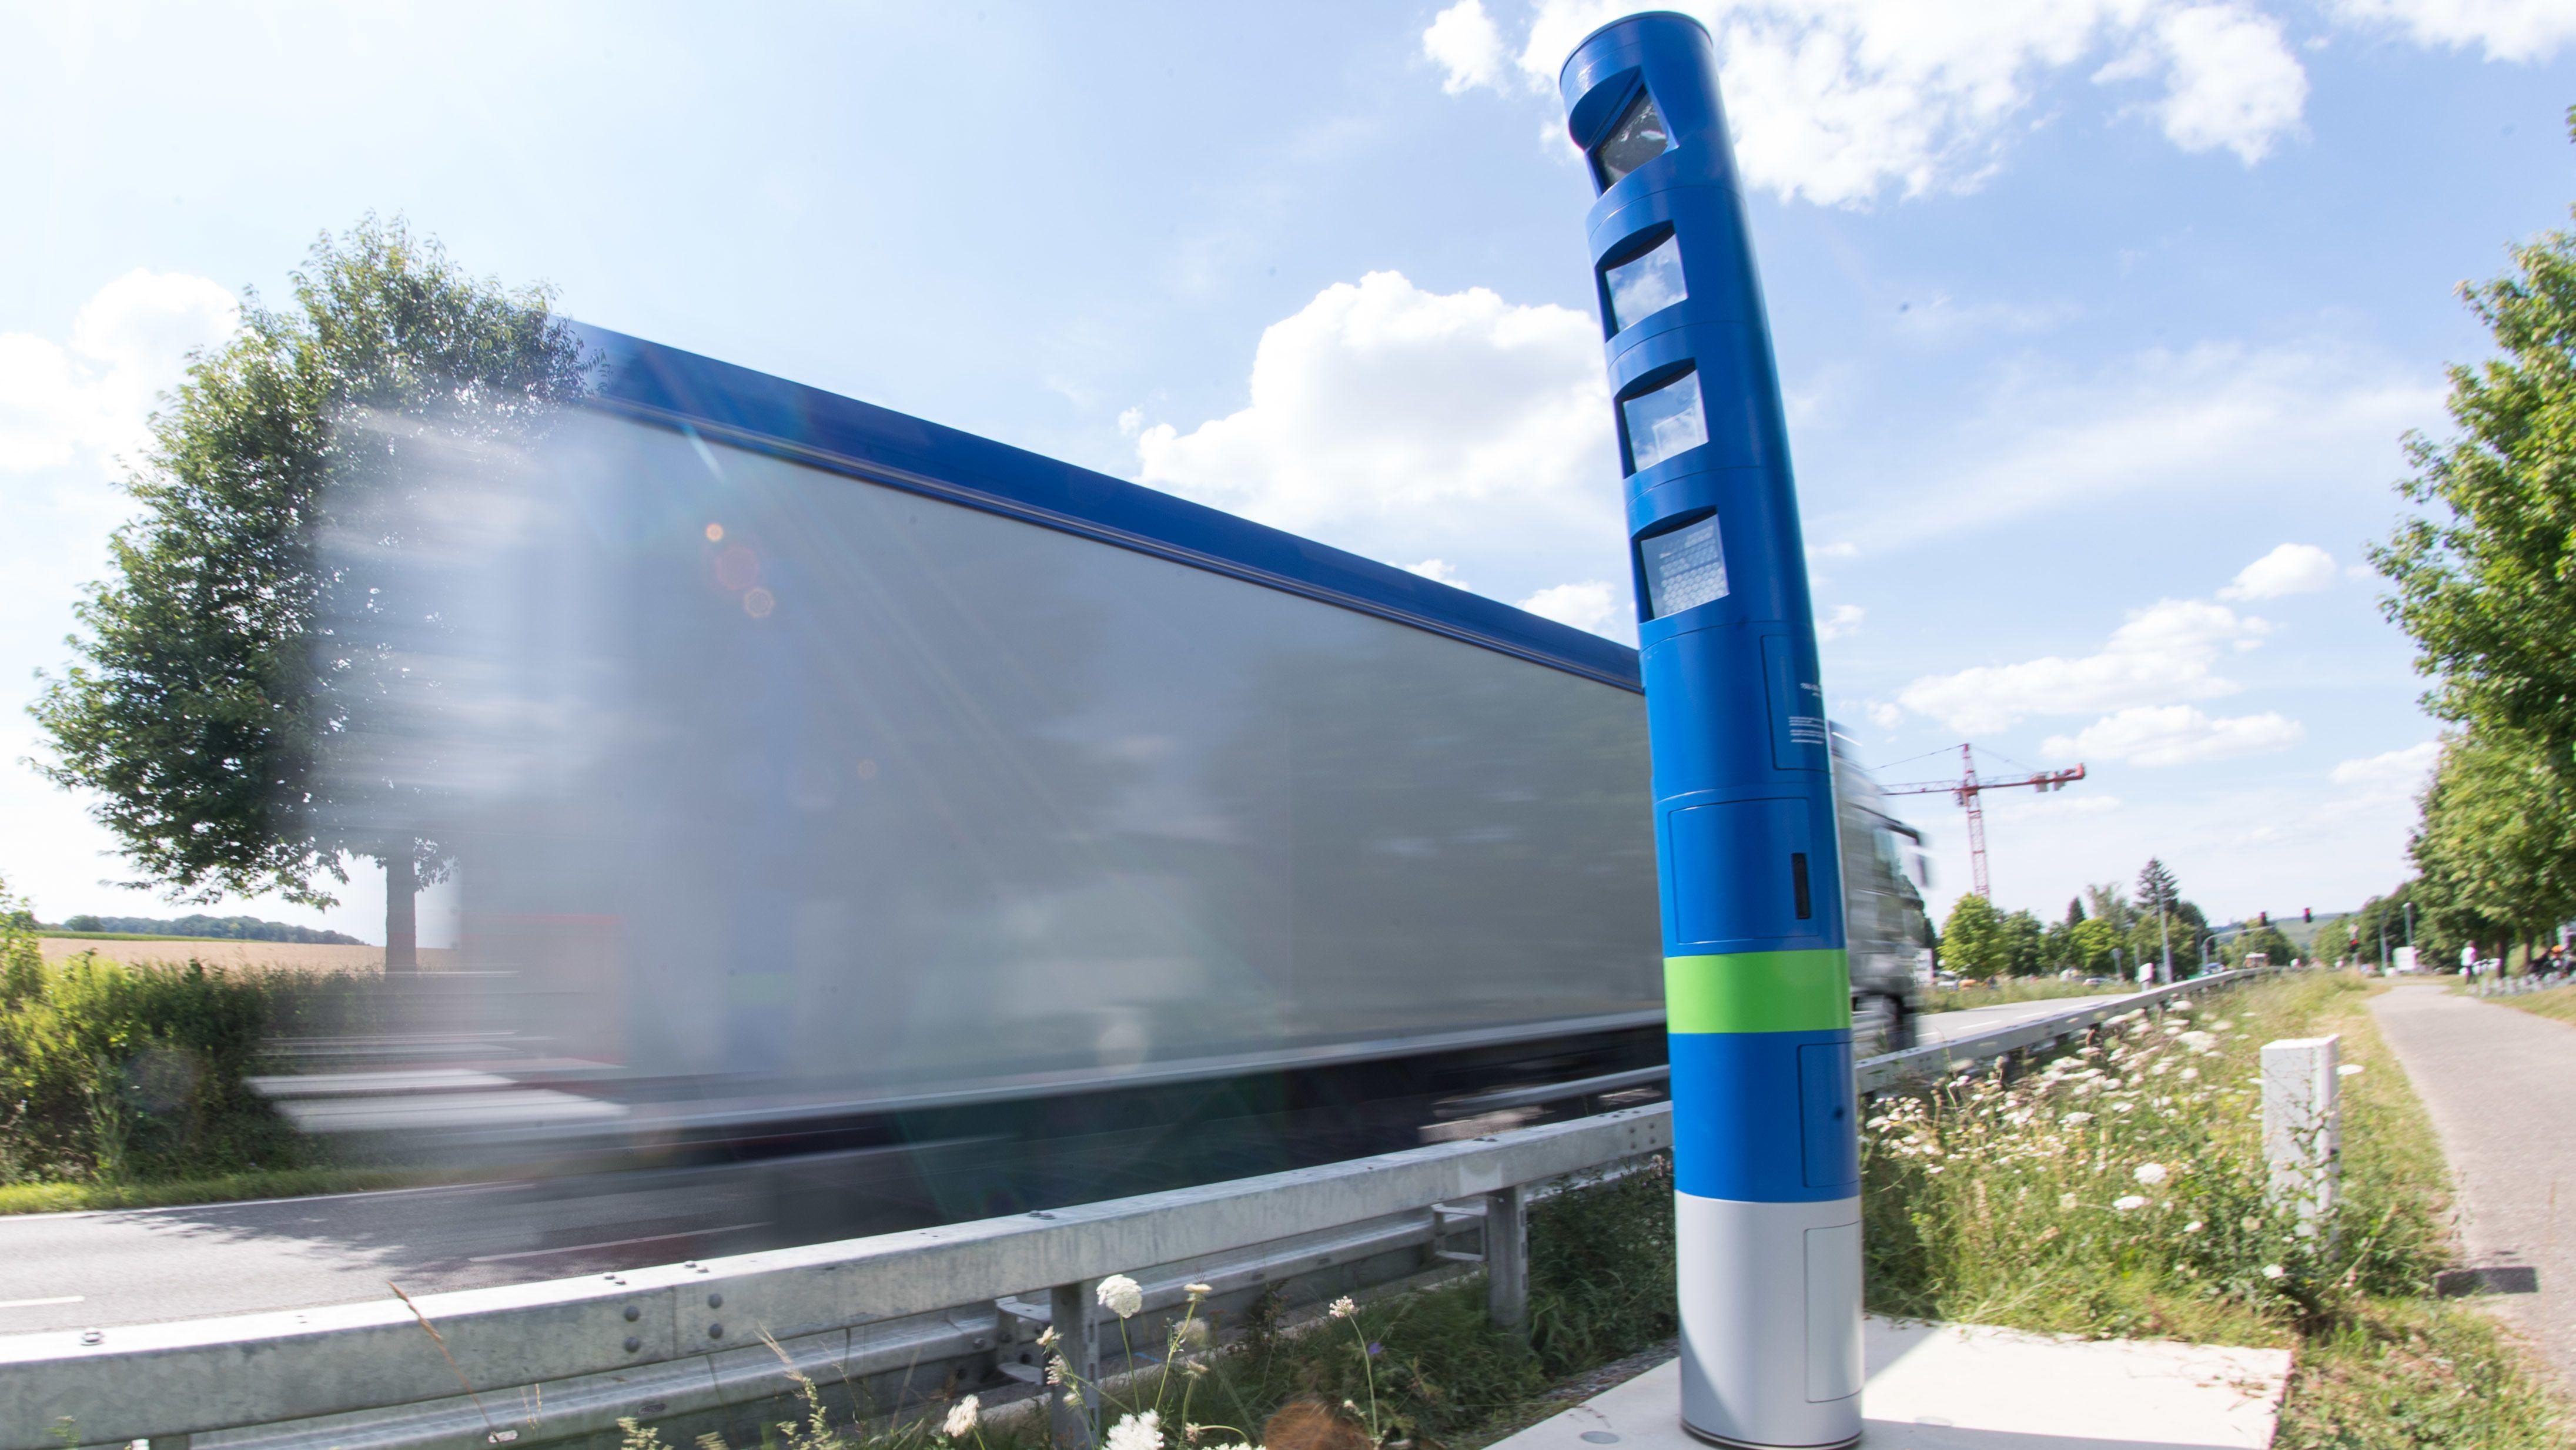 Ein Lastwagen fährt an einer Mautsäule auf einer Bundesstraße vorbei (Wischeffekt durch Langzeitbelichtung).